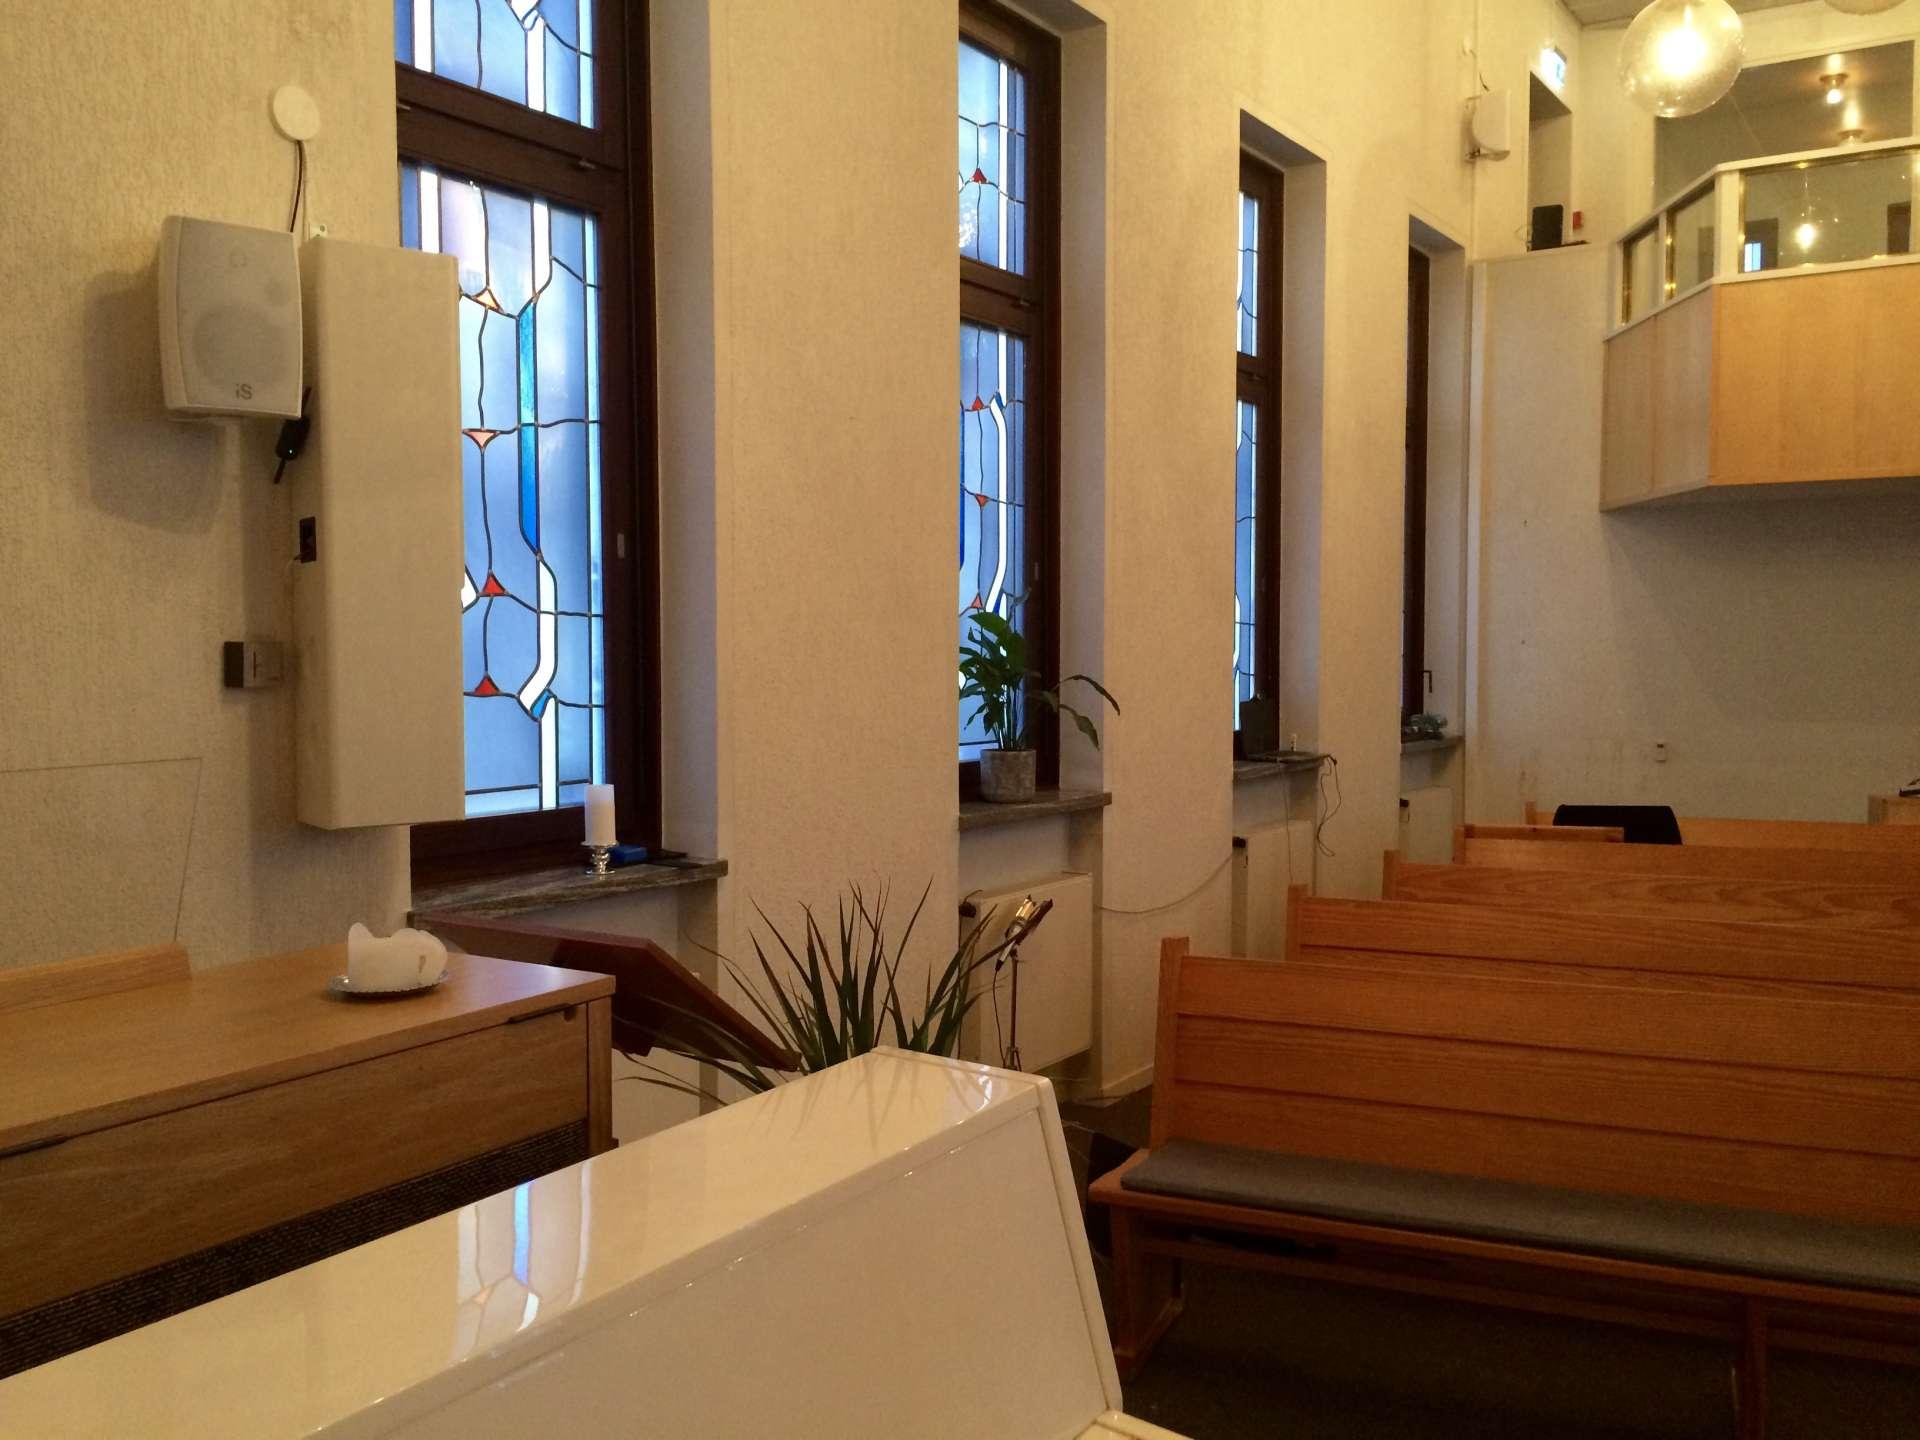 Nyapostoliska kyrkan 16